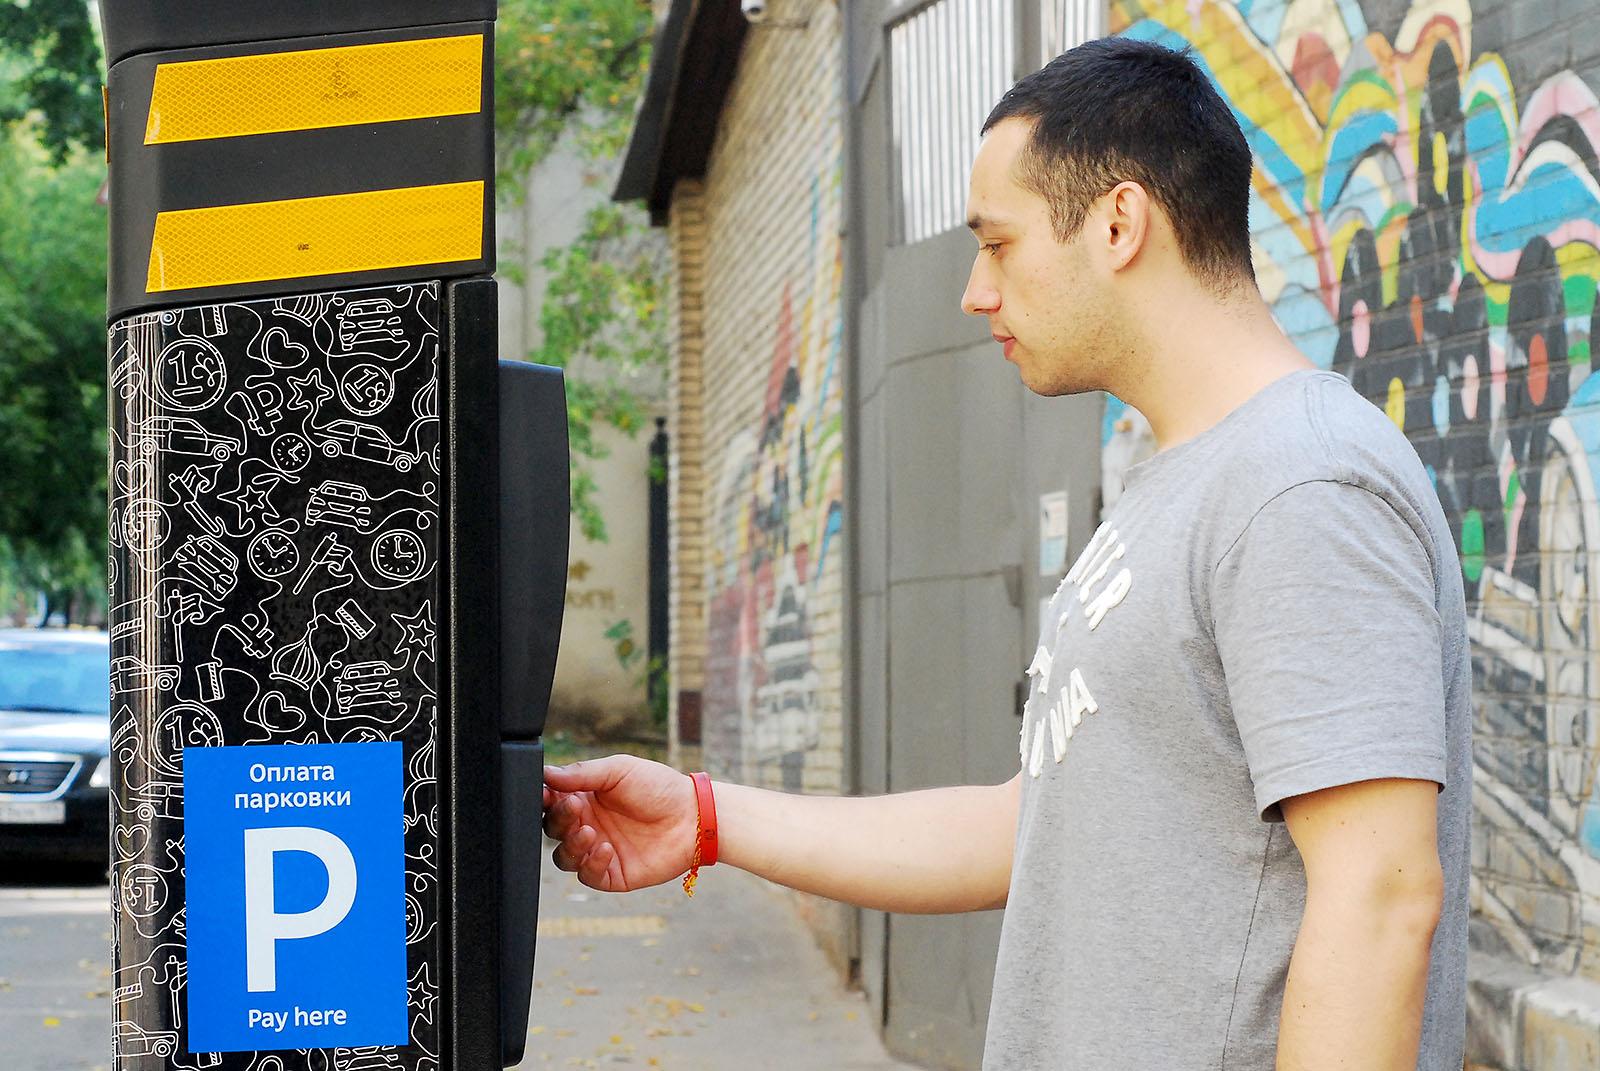 Команда BrandTeam выполнила заказ на оформление паркоматов